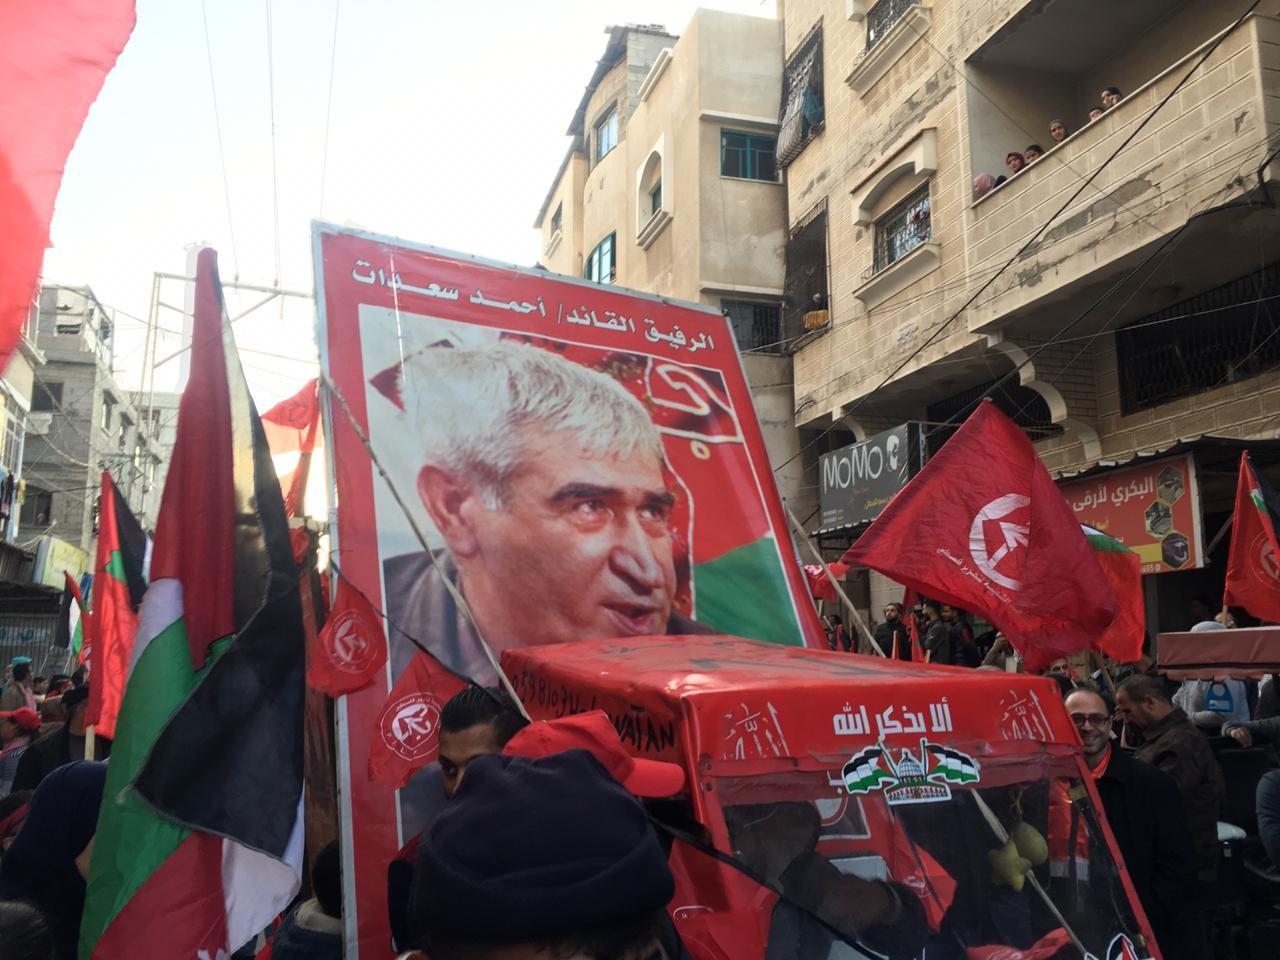 احياء ذكرى اطلاقة الجبهة الشعبية في مدينة غزة  (2).jpg